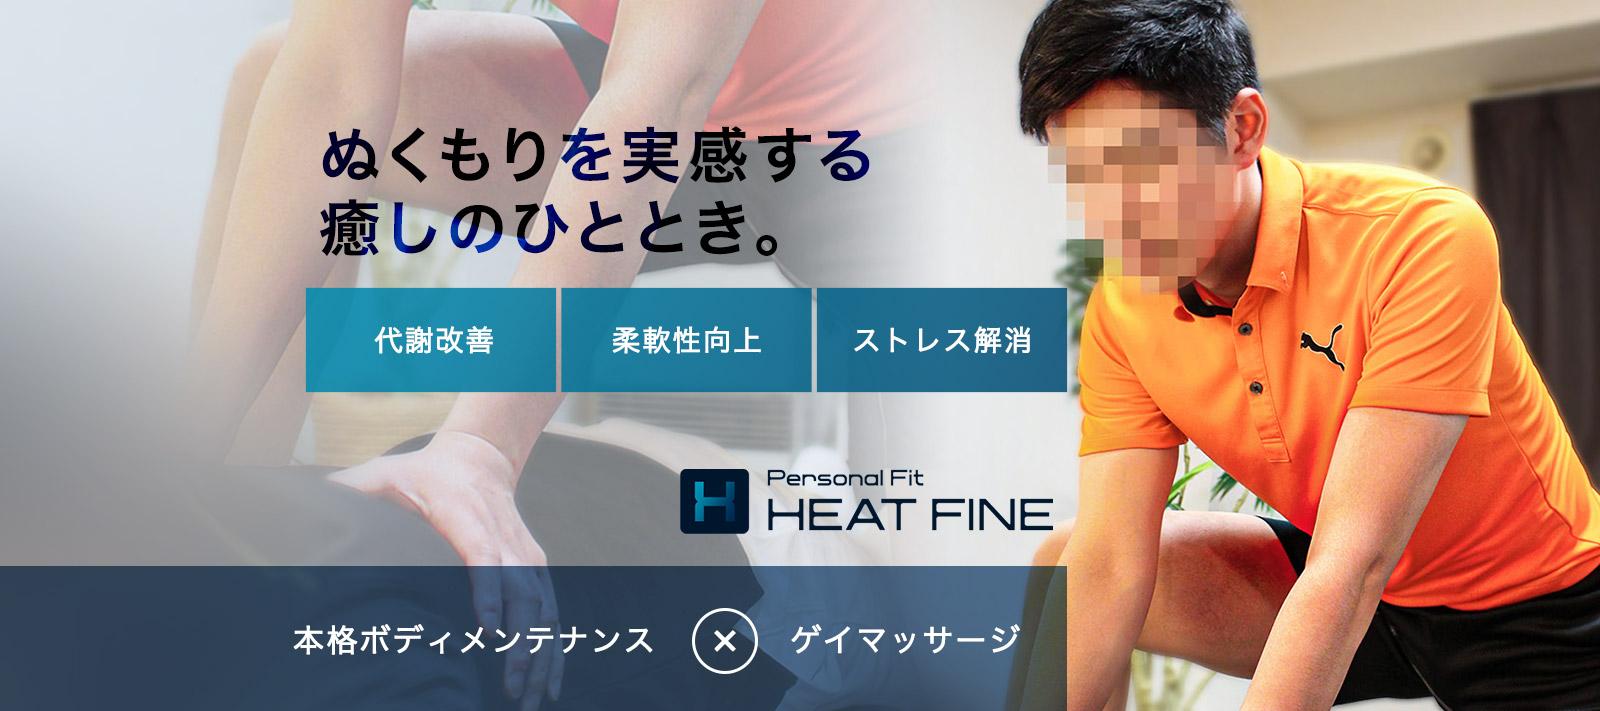 東京ゲイマッサージ専門店HEAT FINEはこちら